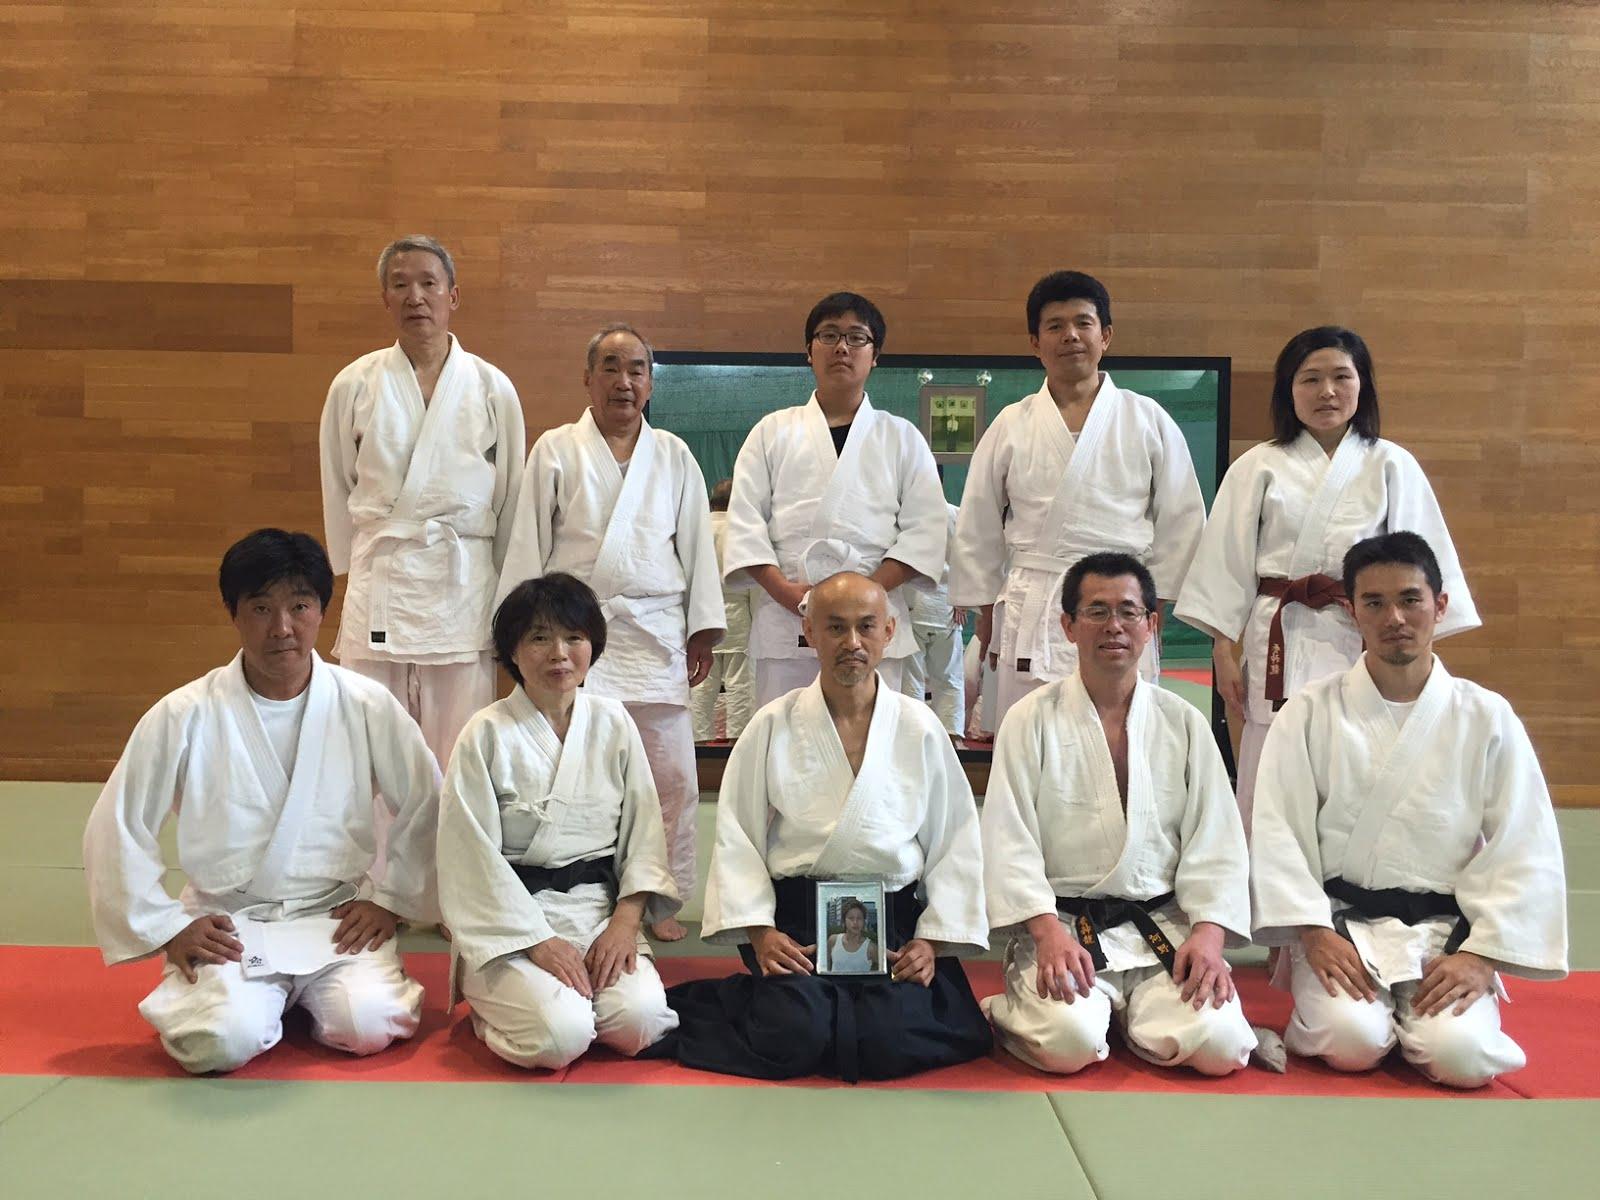 2016-6-4に集まった武道家